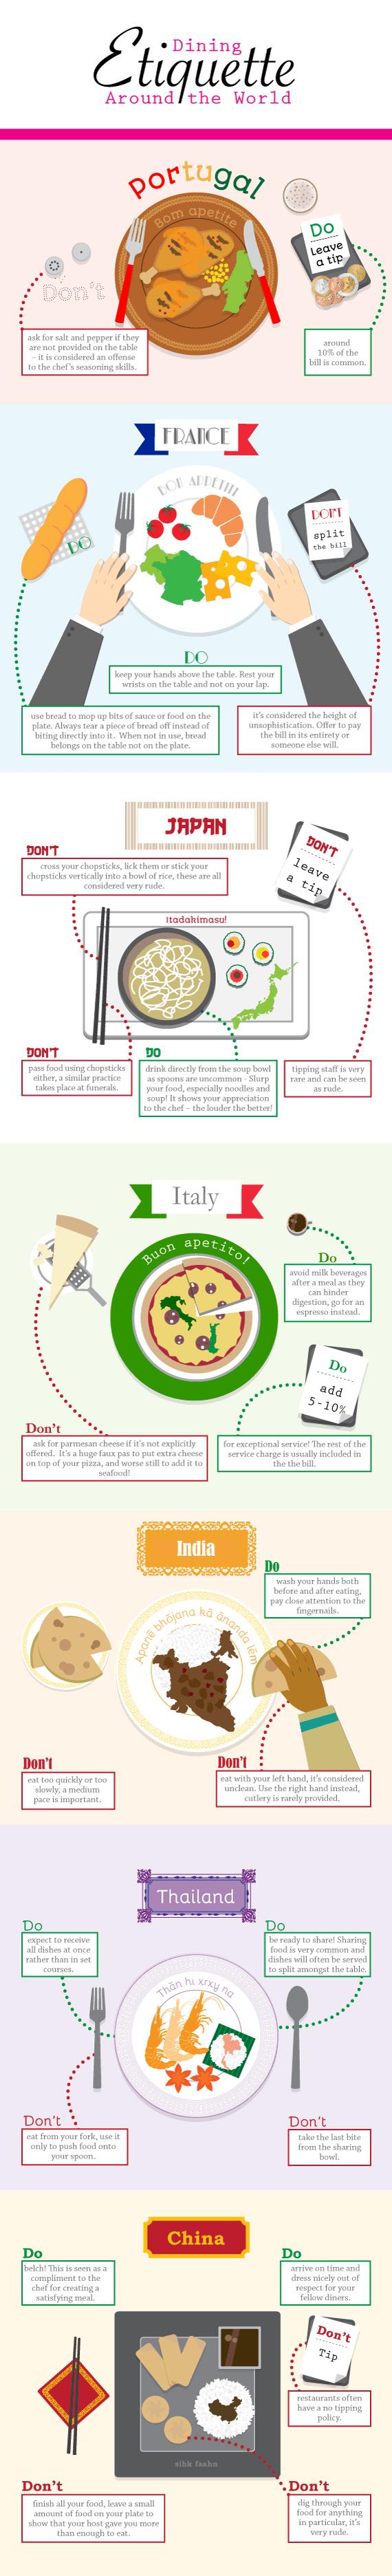 Dining etiquette infographic